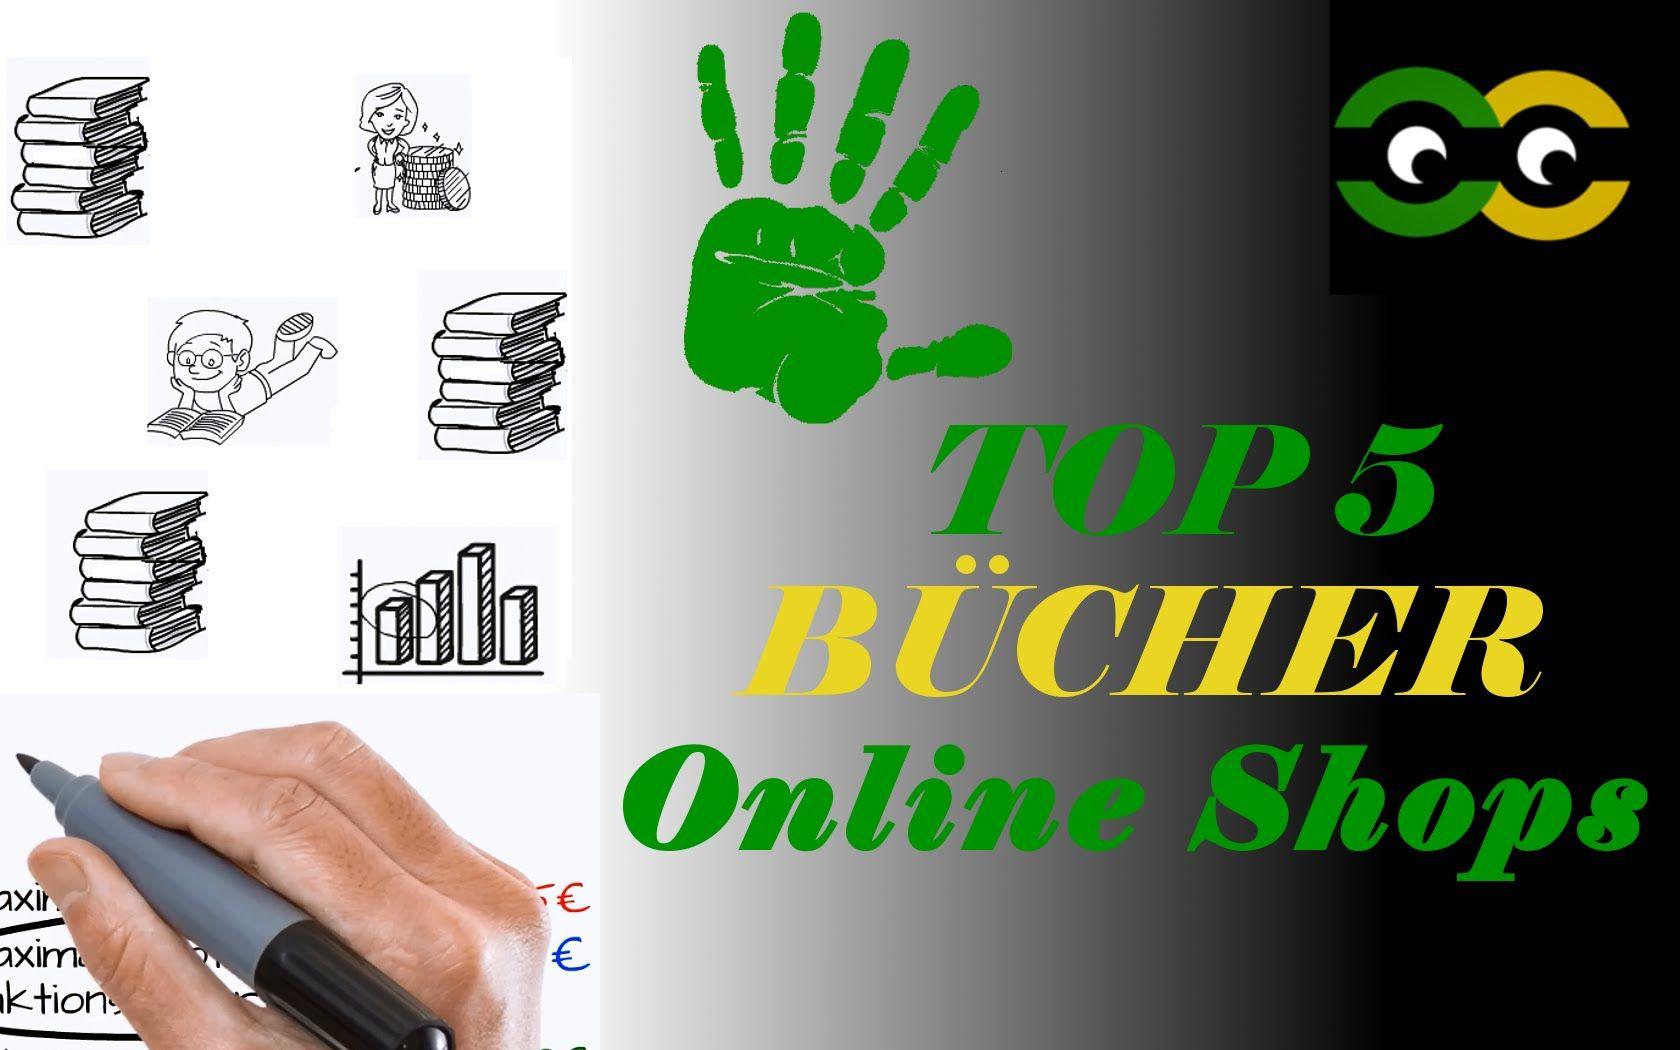 Gebrauchte Bücher Günstig Kaufen Top5 Online Book Shops